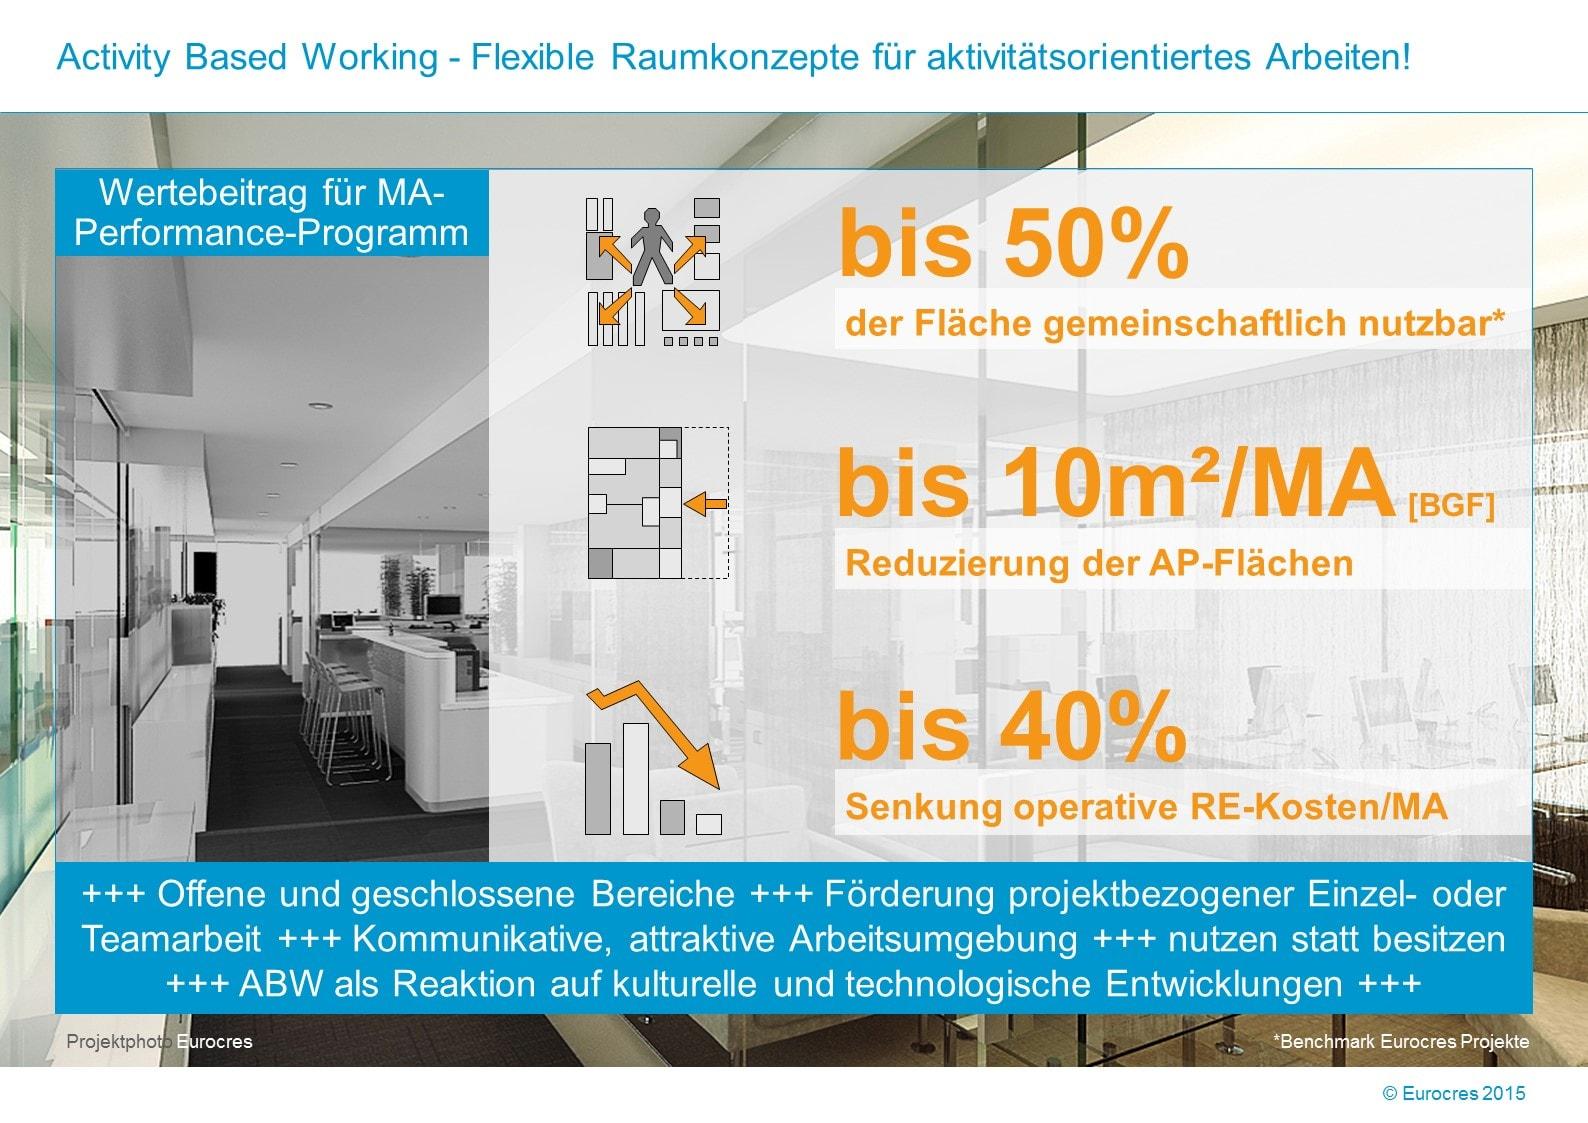 WorkPlace Flash: Activity Based Working – Flexible Raumkonzepte für aktivitätsorientiertes Arbeiten!